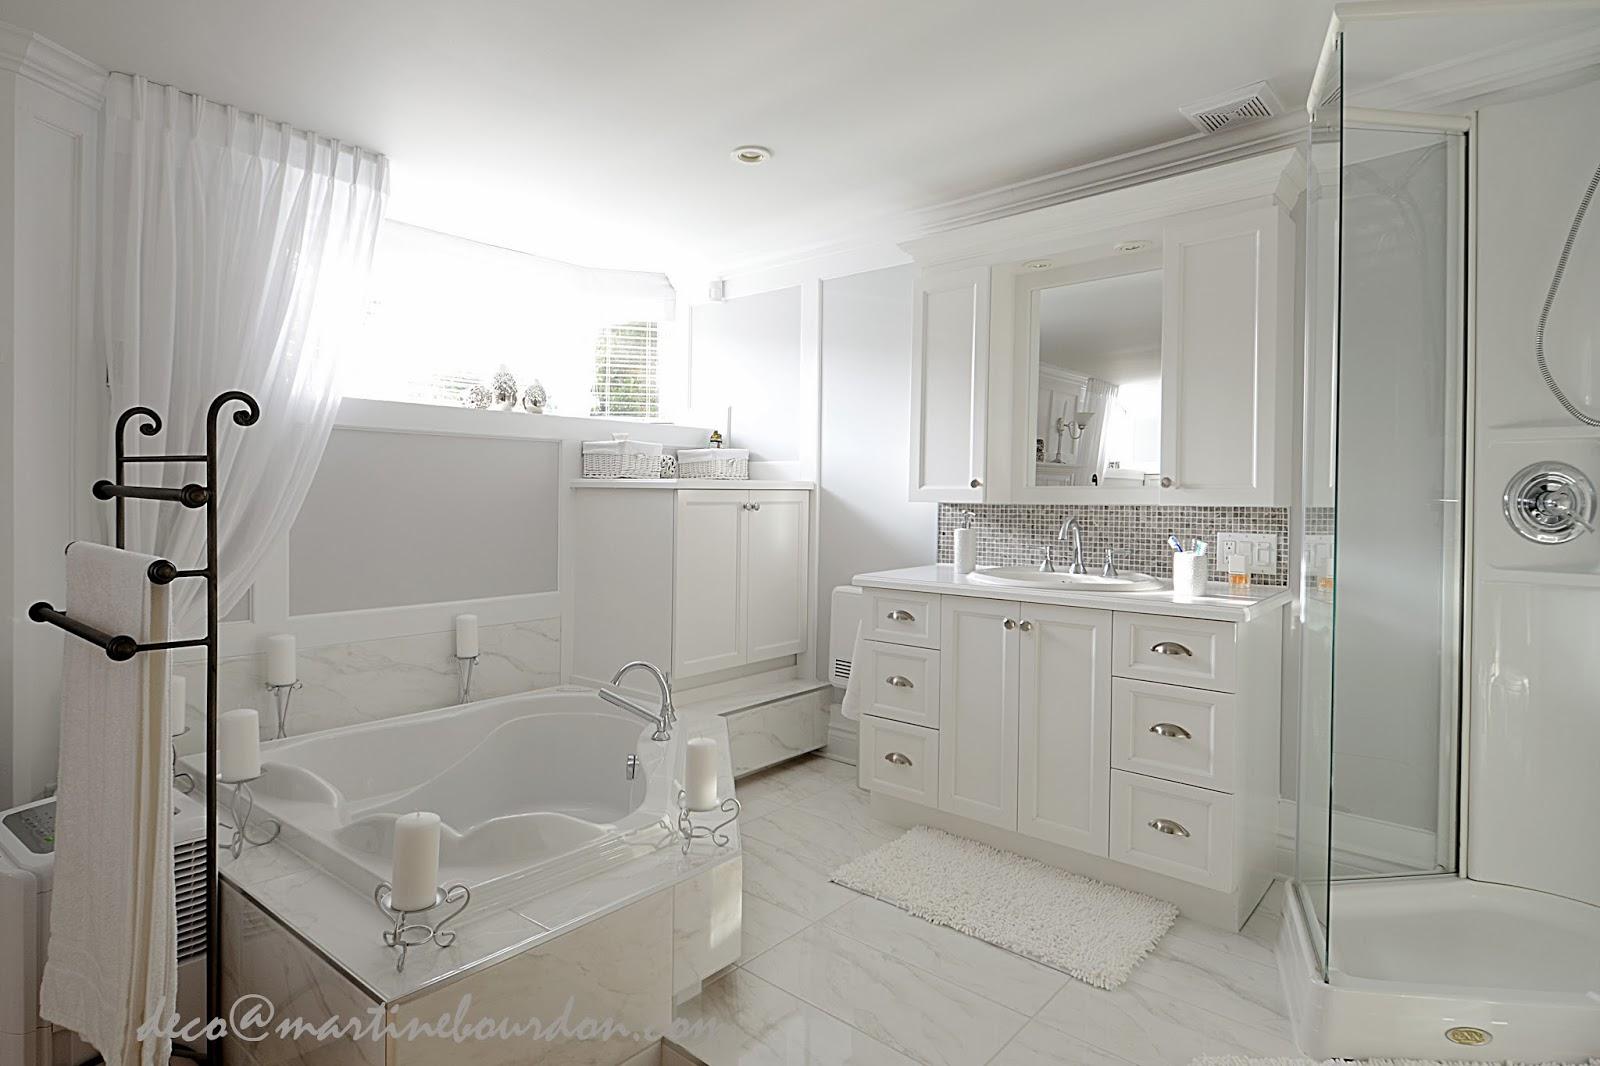 chambre_salle de bain_2